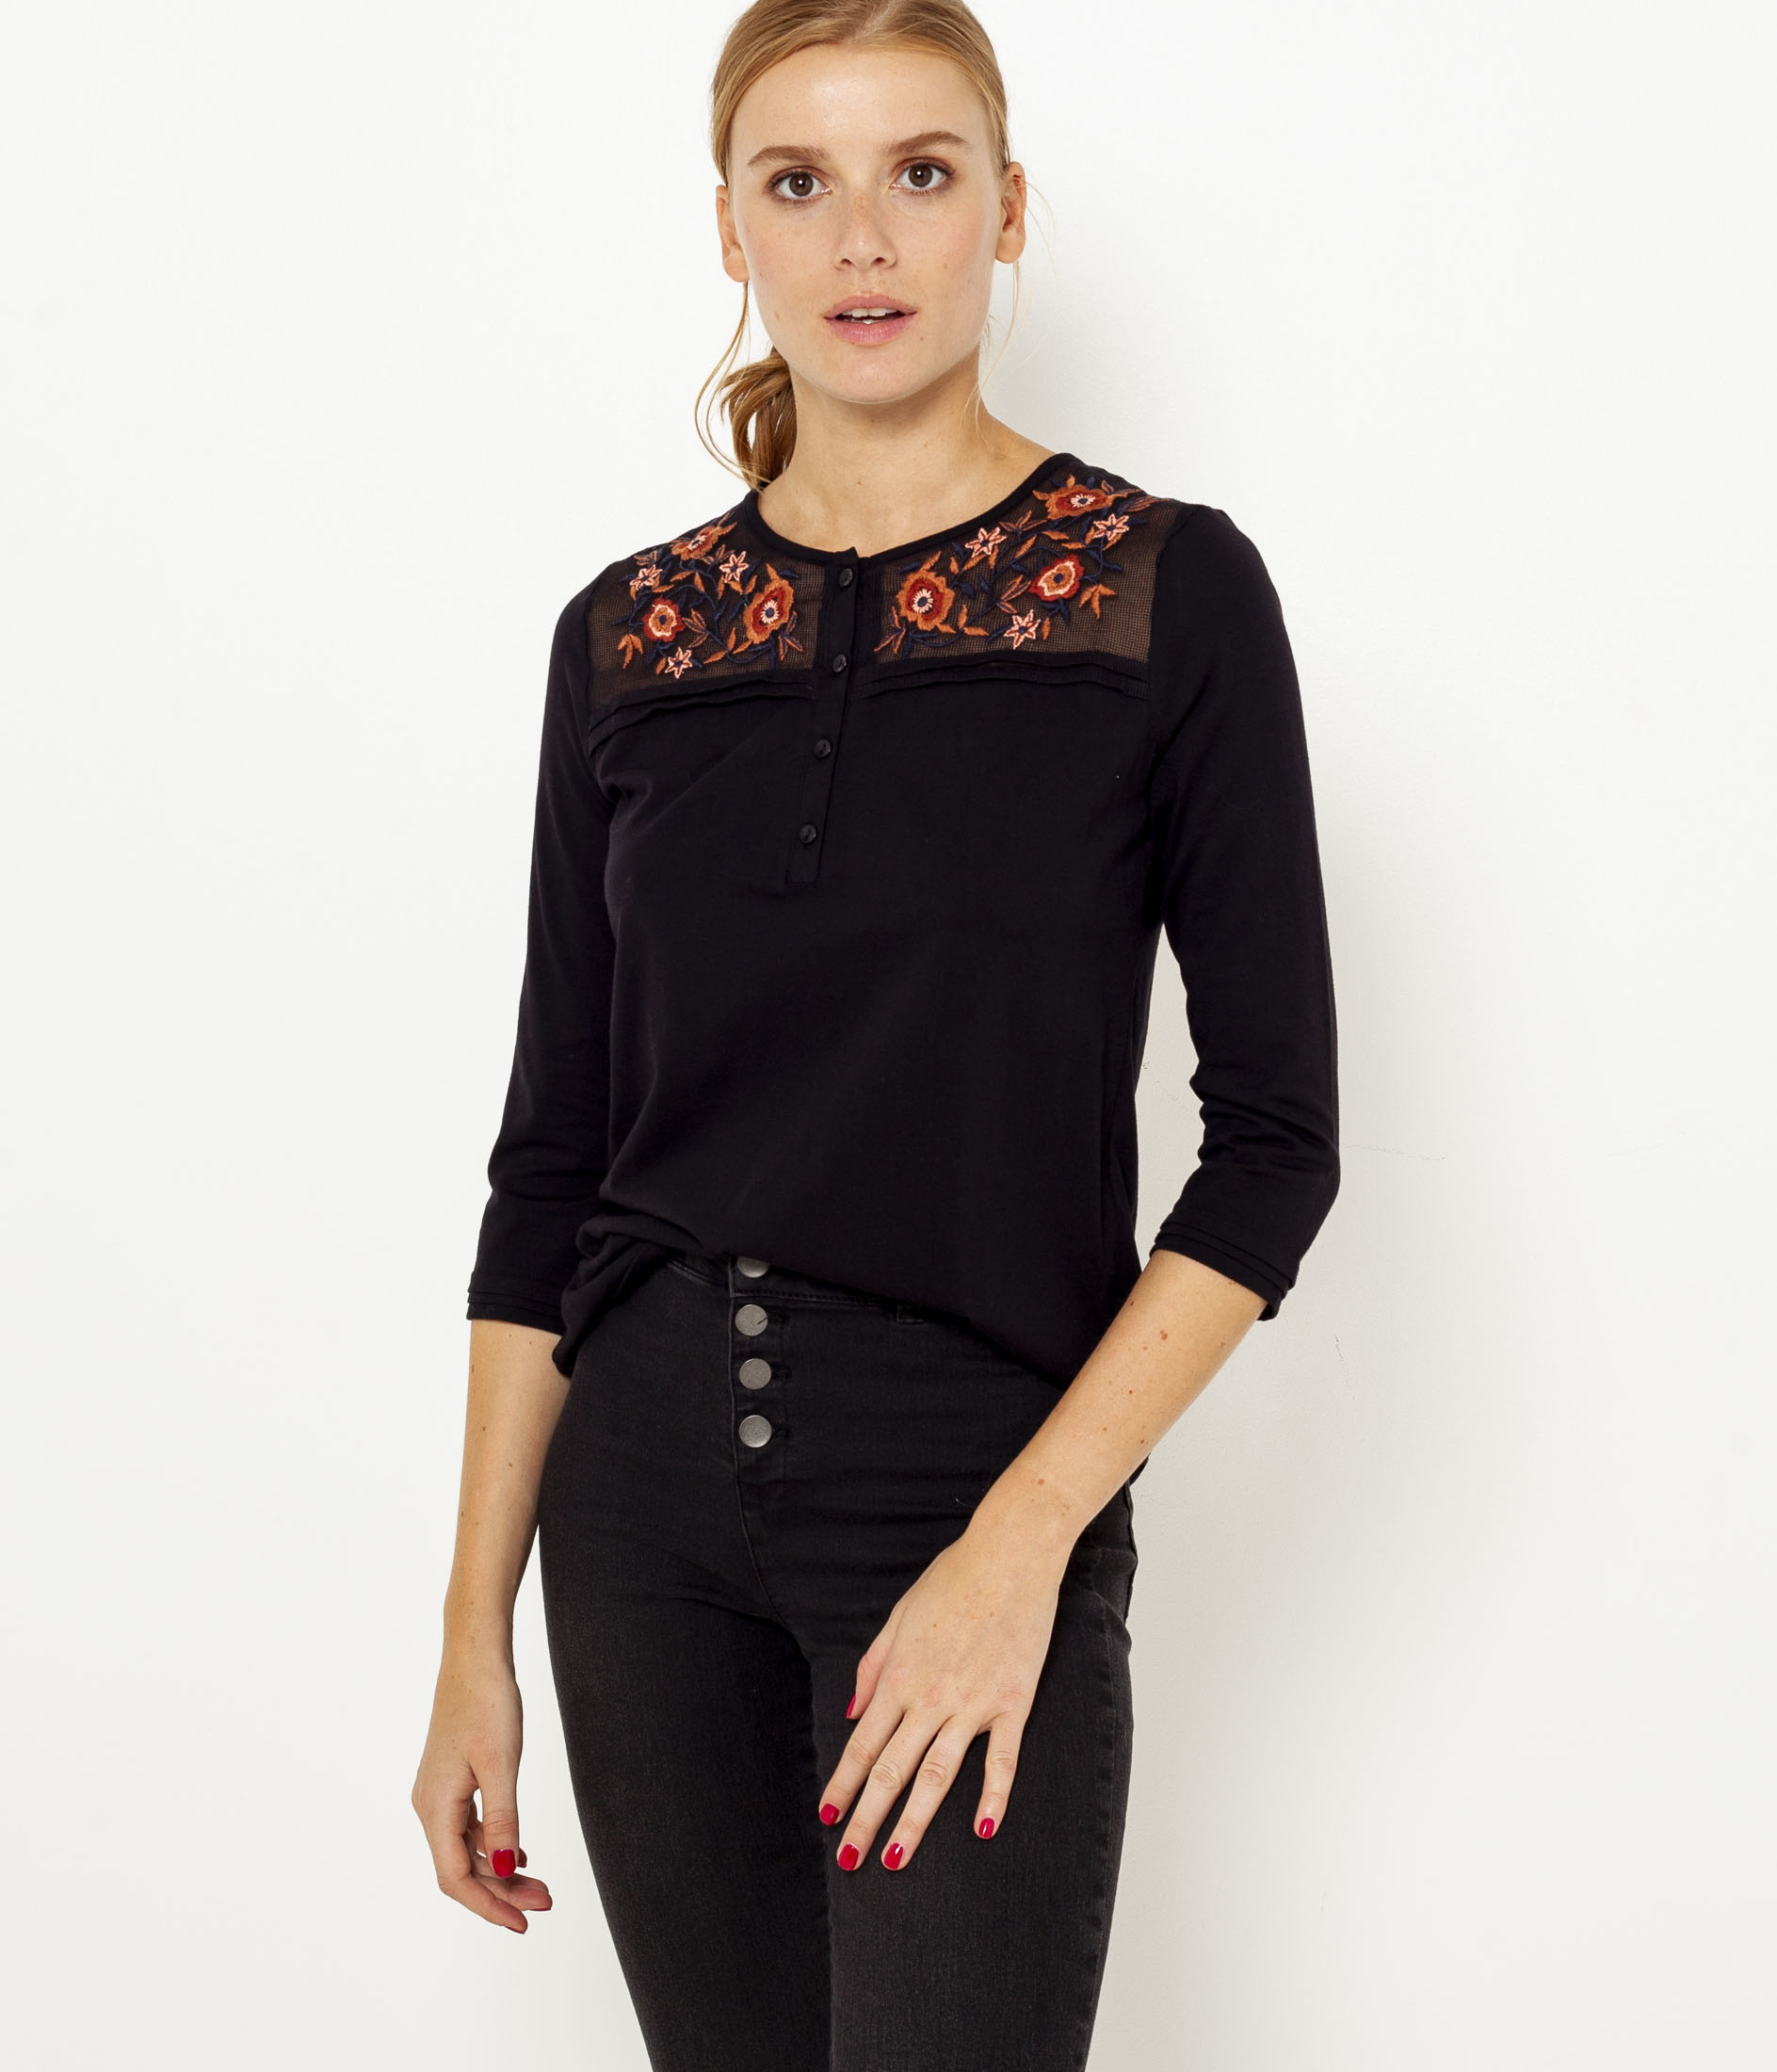 shirt T Empiècement Camaïeu Brodé Femme ZiuTwOPkX